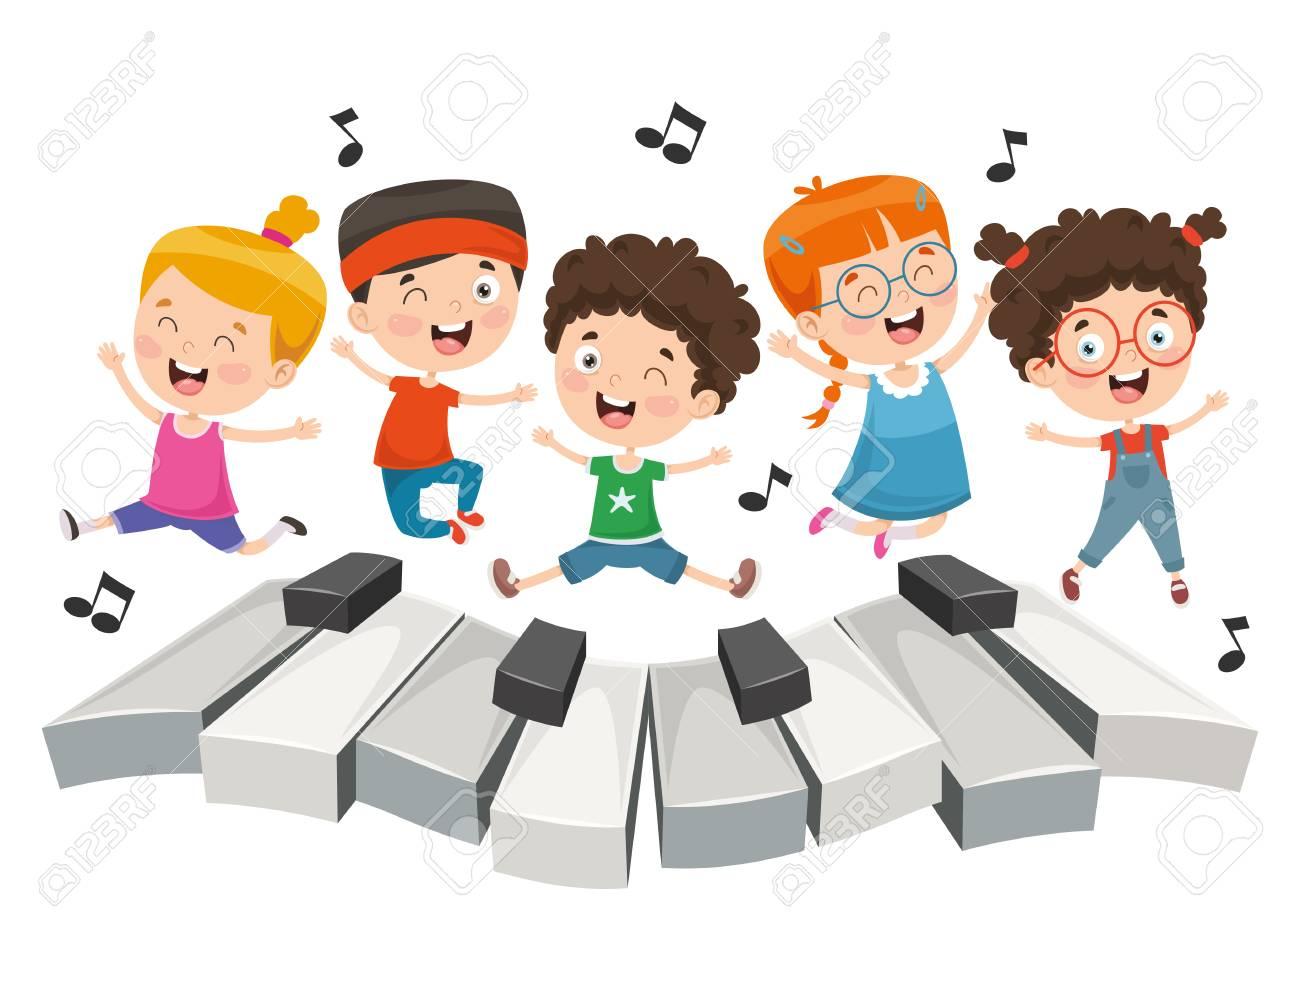 Vector Illustration Of Children Music - 114680735